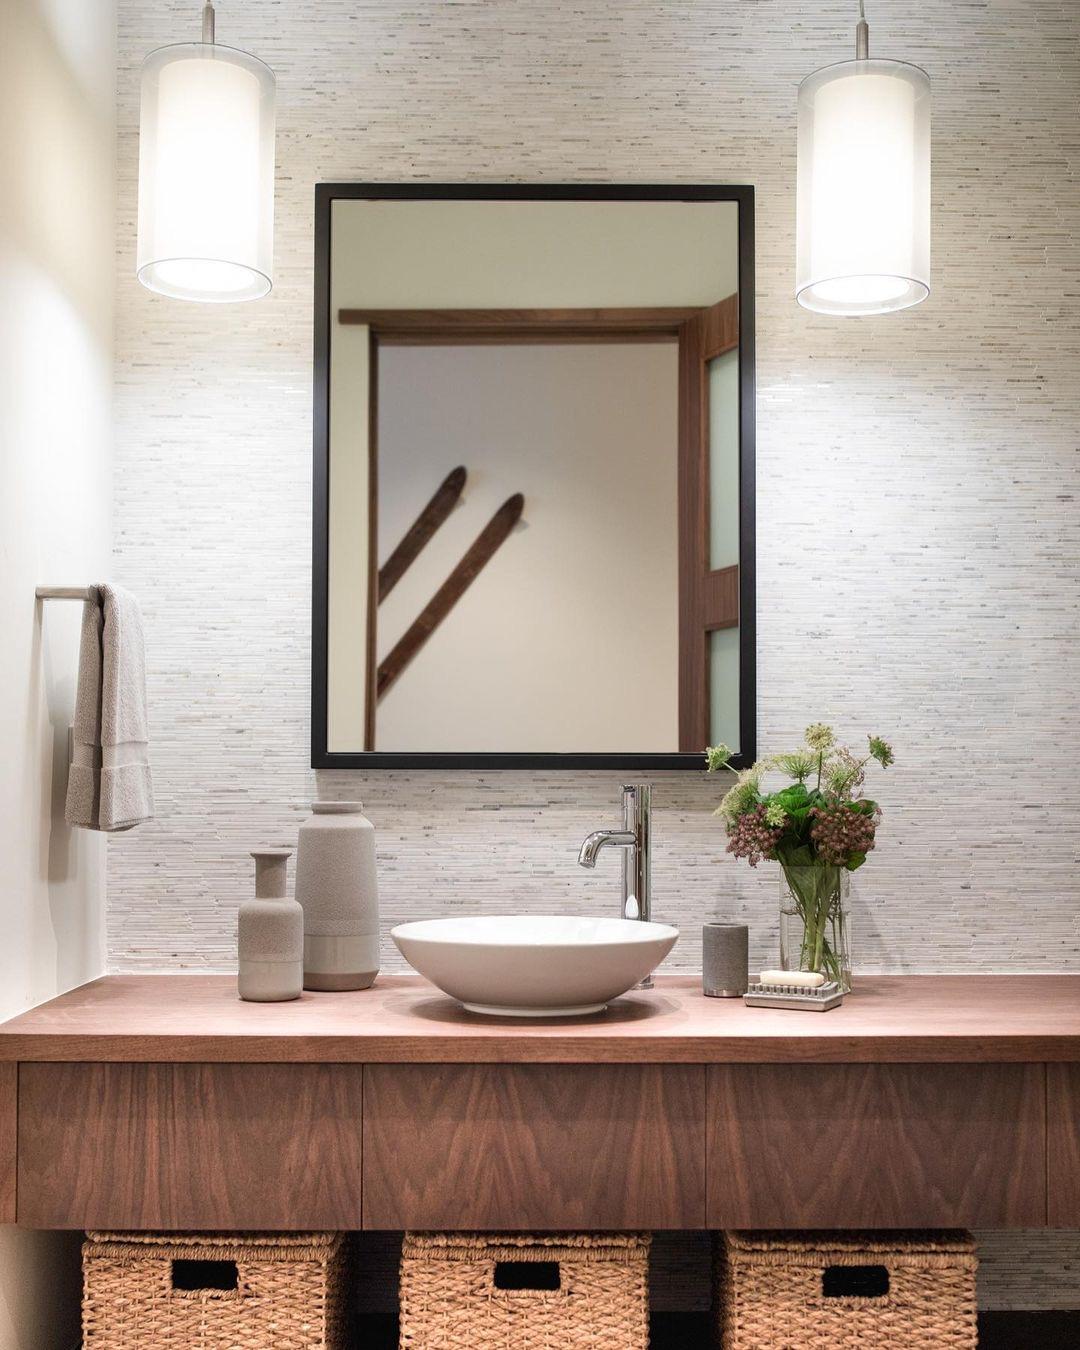 Designer: Associates III Interior Design